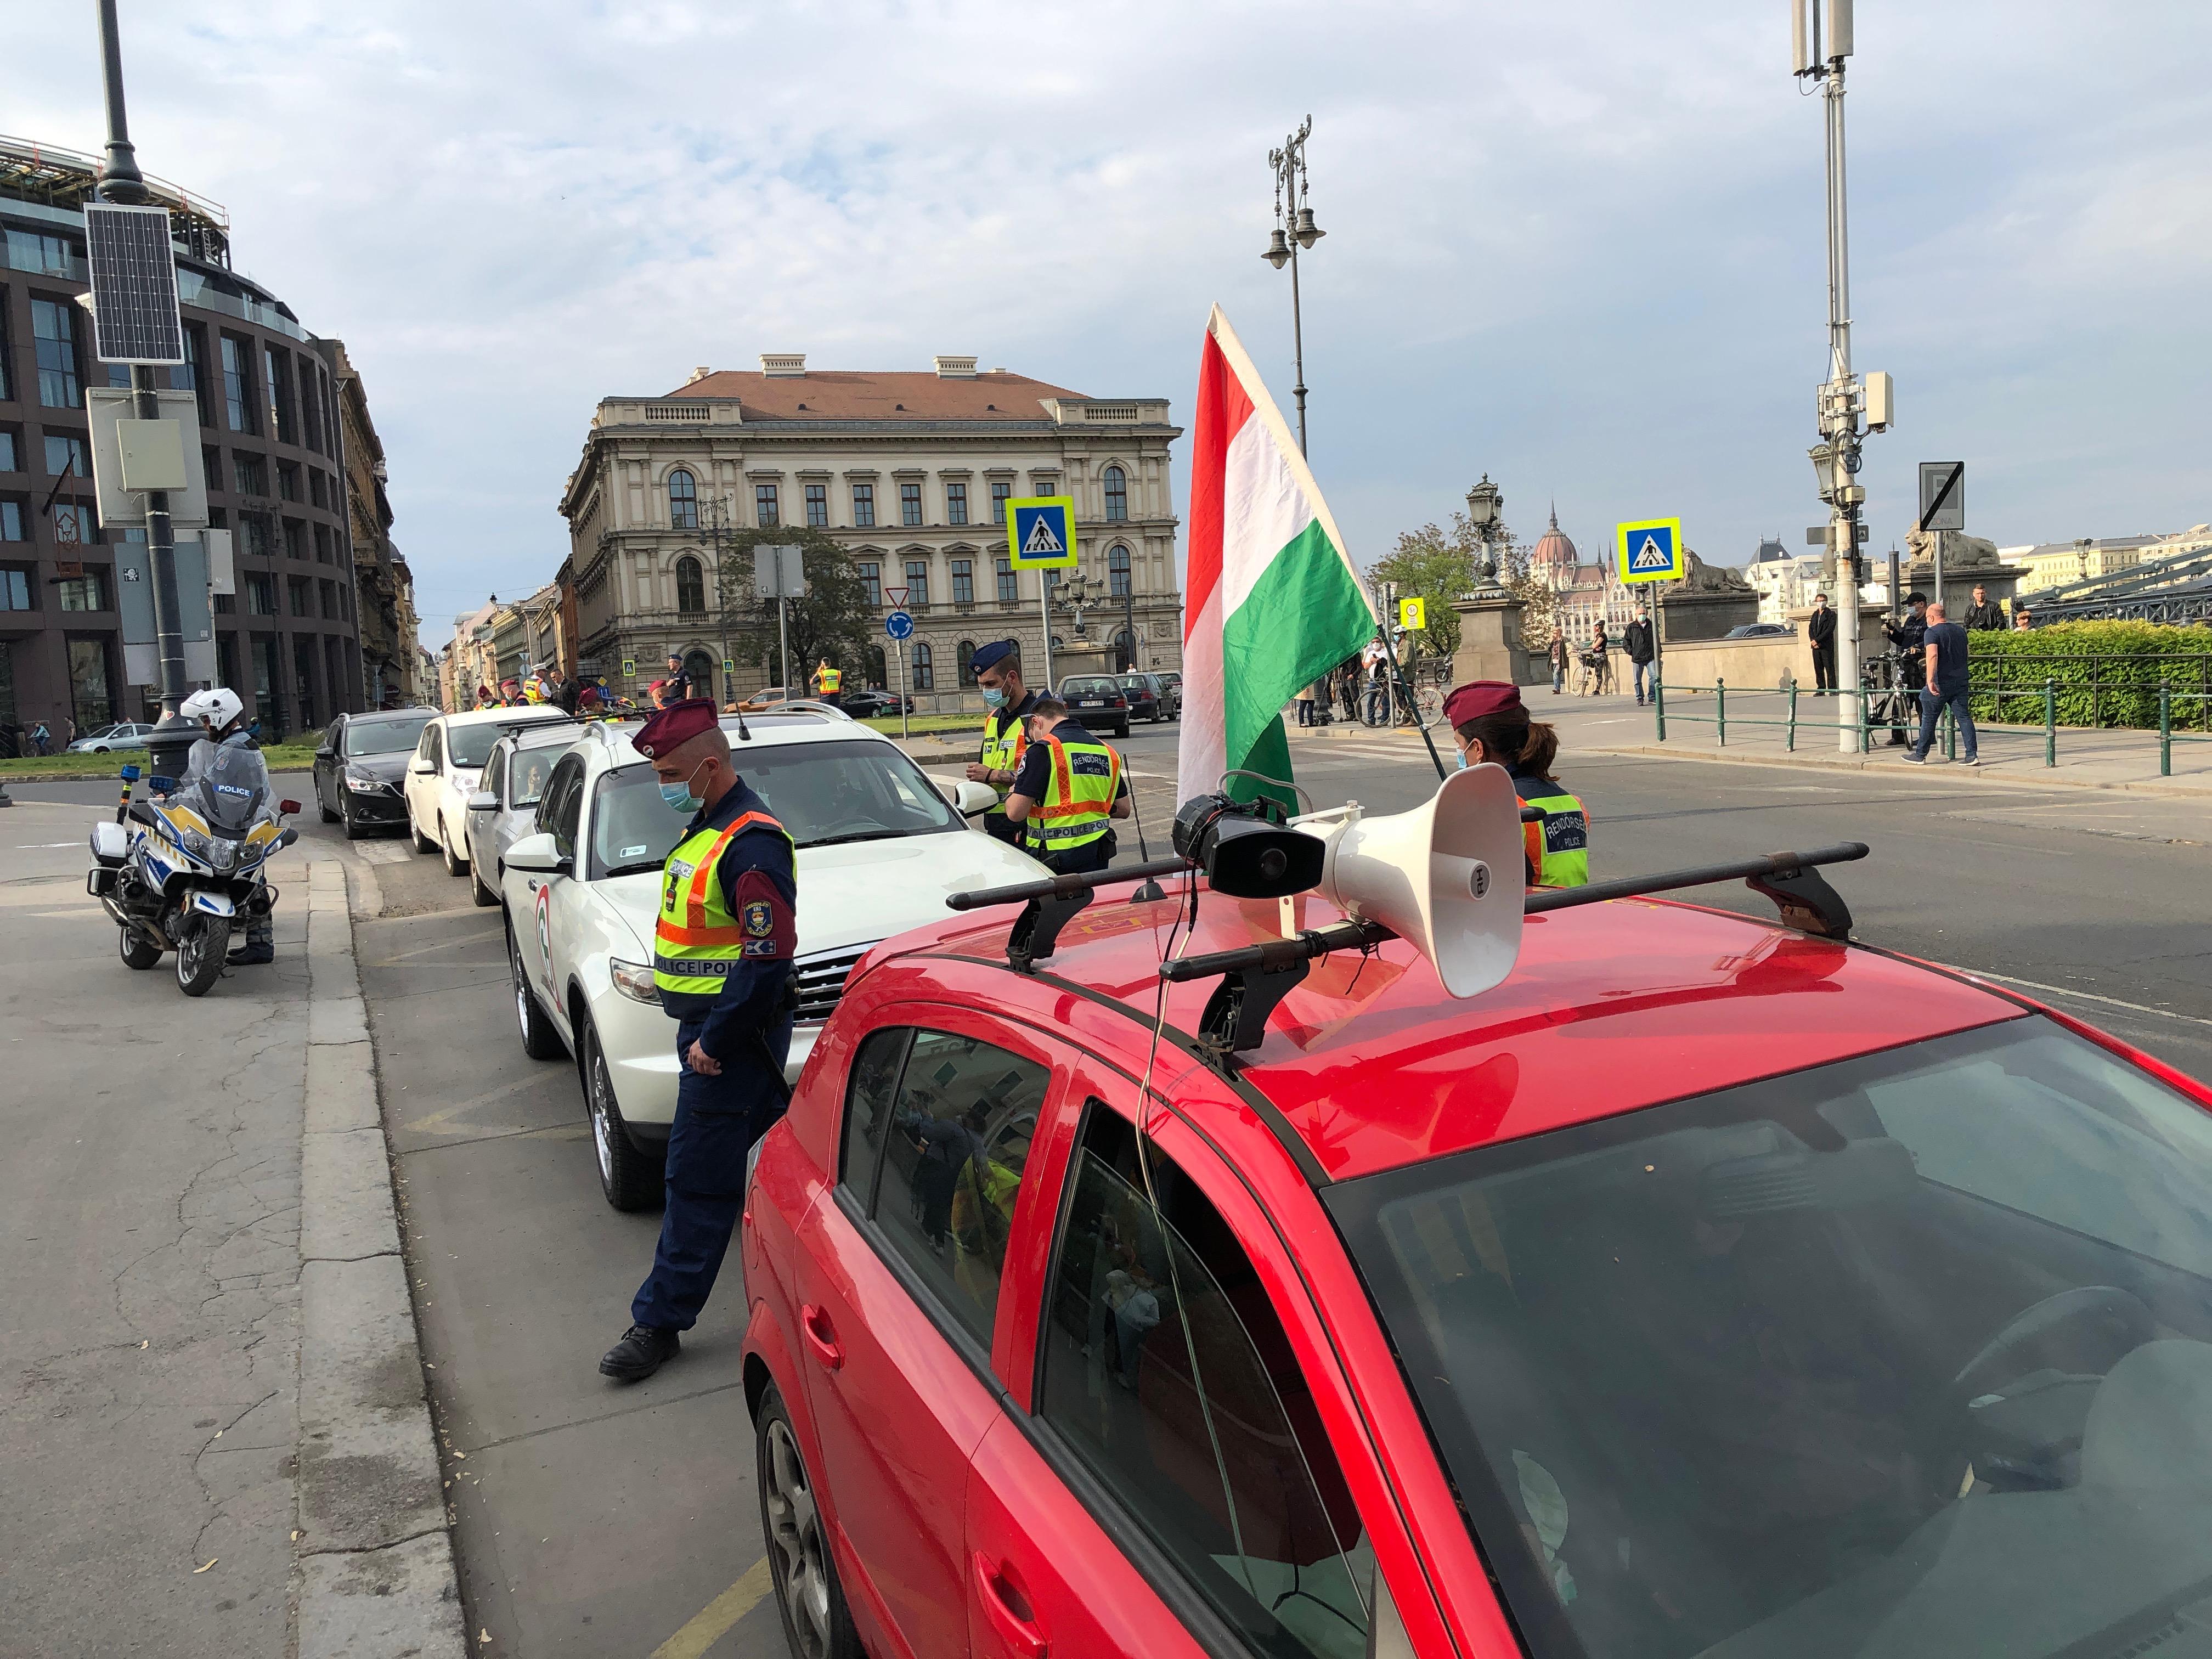 Törvénytelennek tartják a bírságolást, újra dudálós tüntetést tartanak Hadházyék